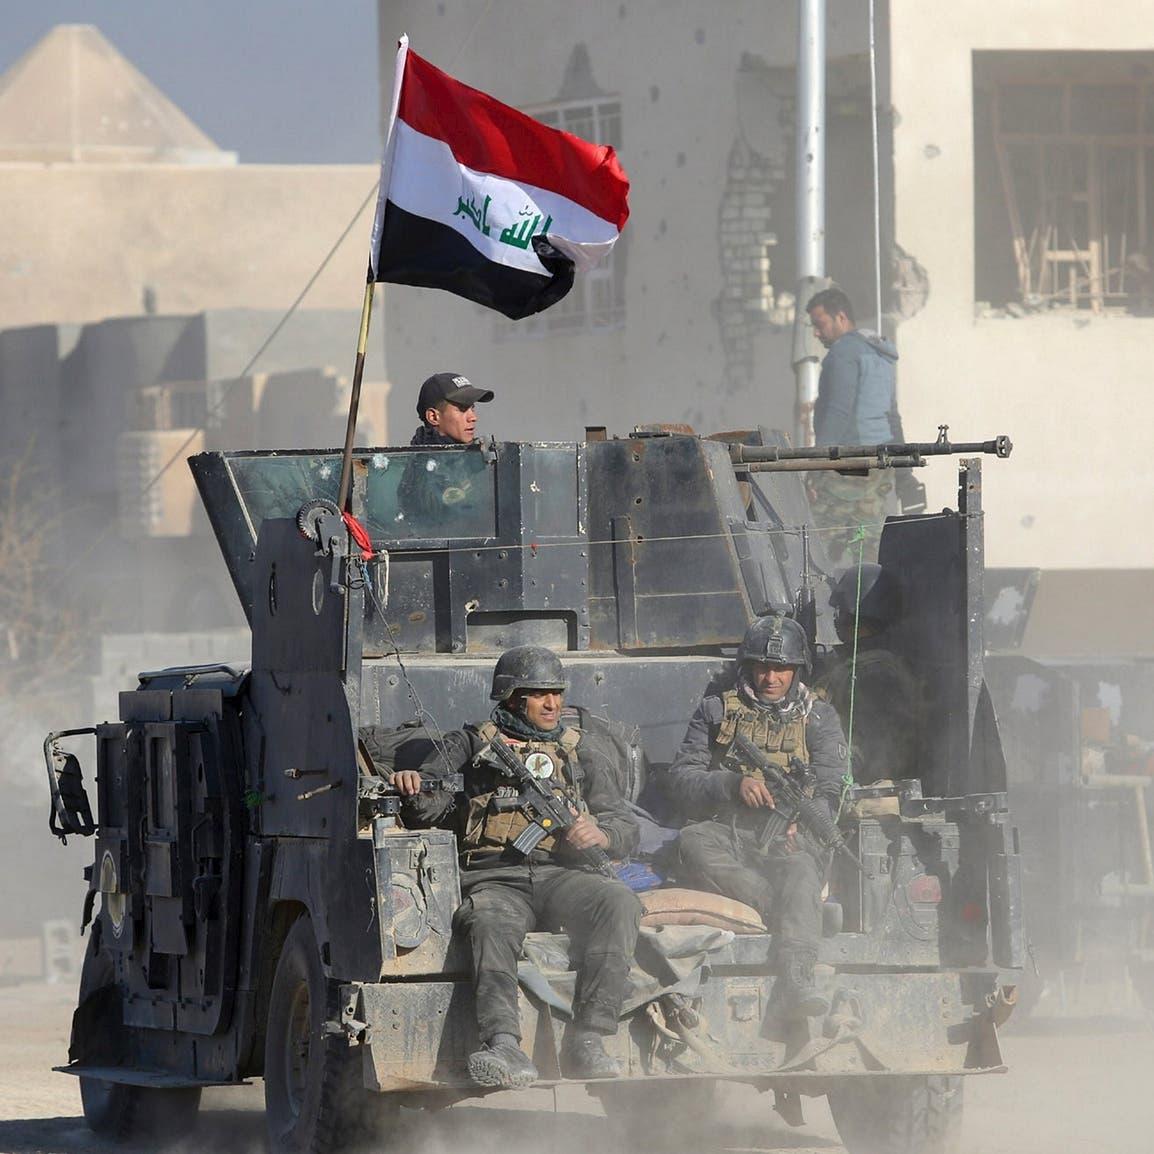 مقتل 6 من مسلحي داعش بعمليتين منفصلتين شمالي العراق